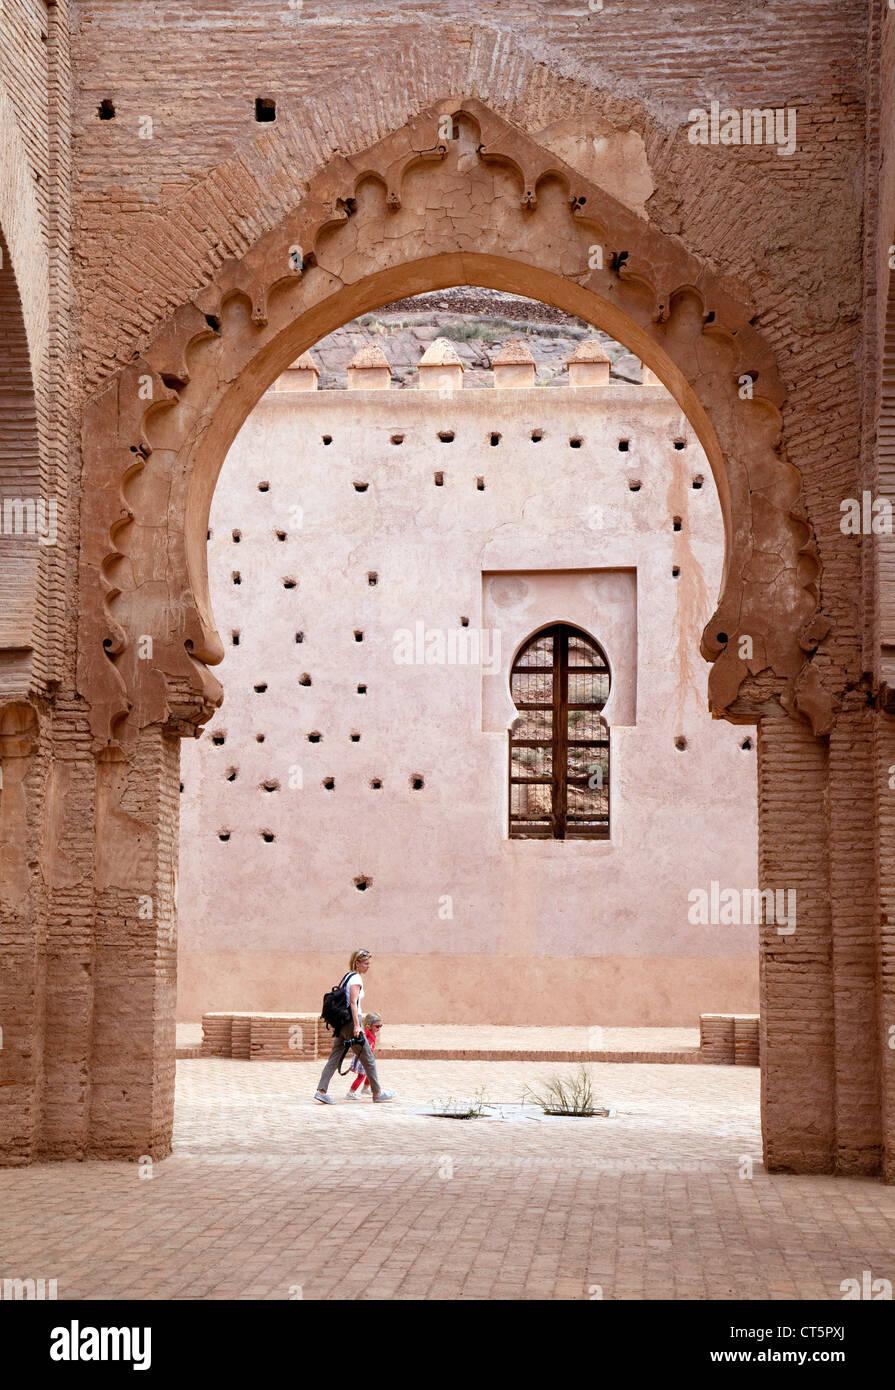 Les touristes dans la mosquée islamique à Tin mal, le Haut Atlas, Maroc Sud Photo Stock